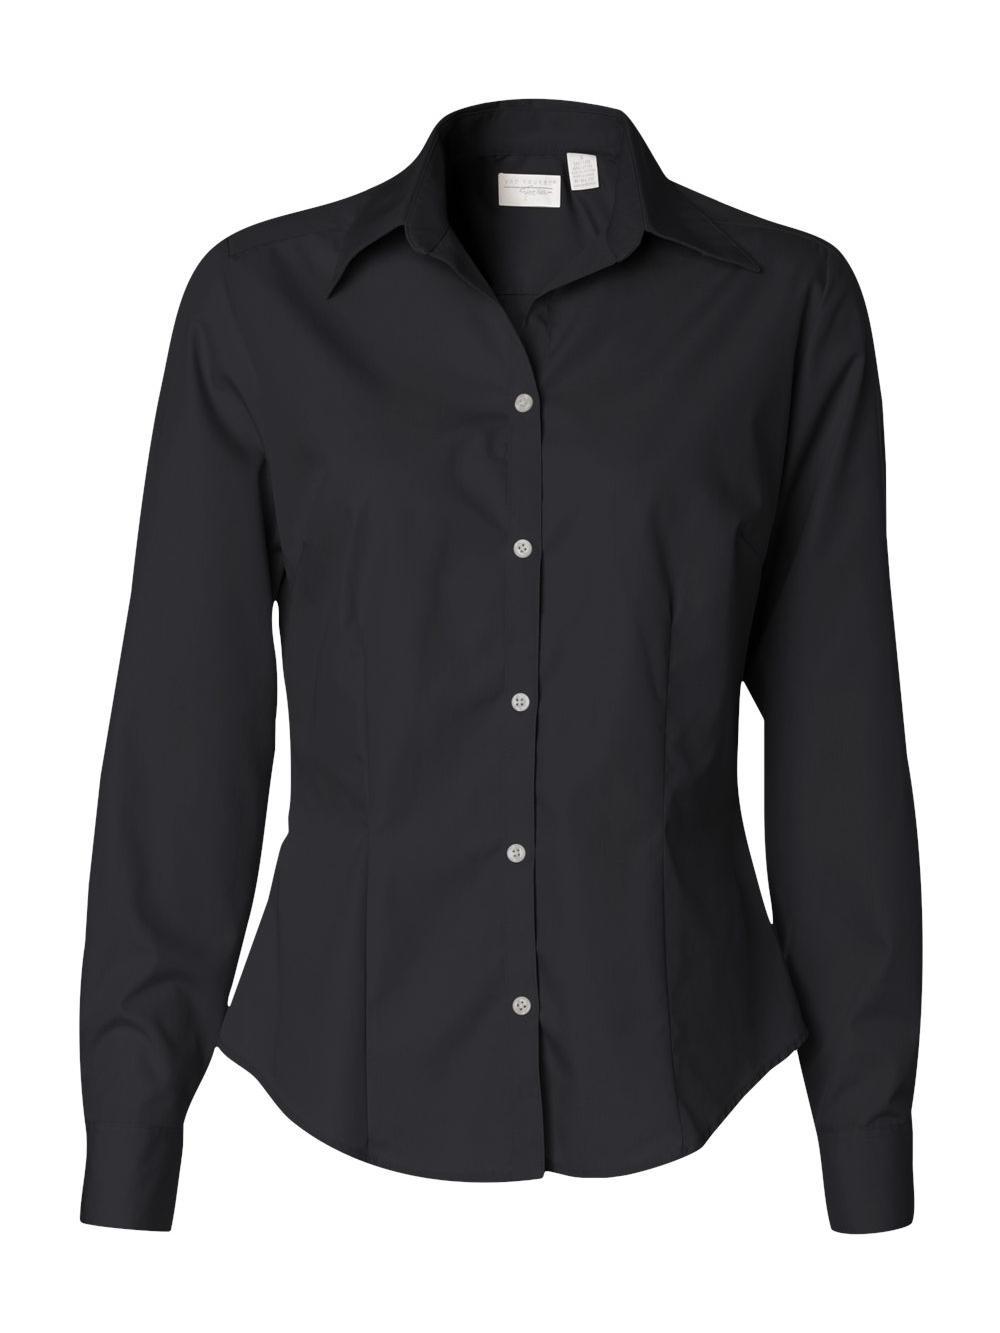 Van-Heusen-Women-039-s-Silky-Poplin-Shirt-13V0114 thumbnail 3